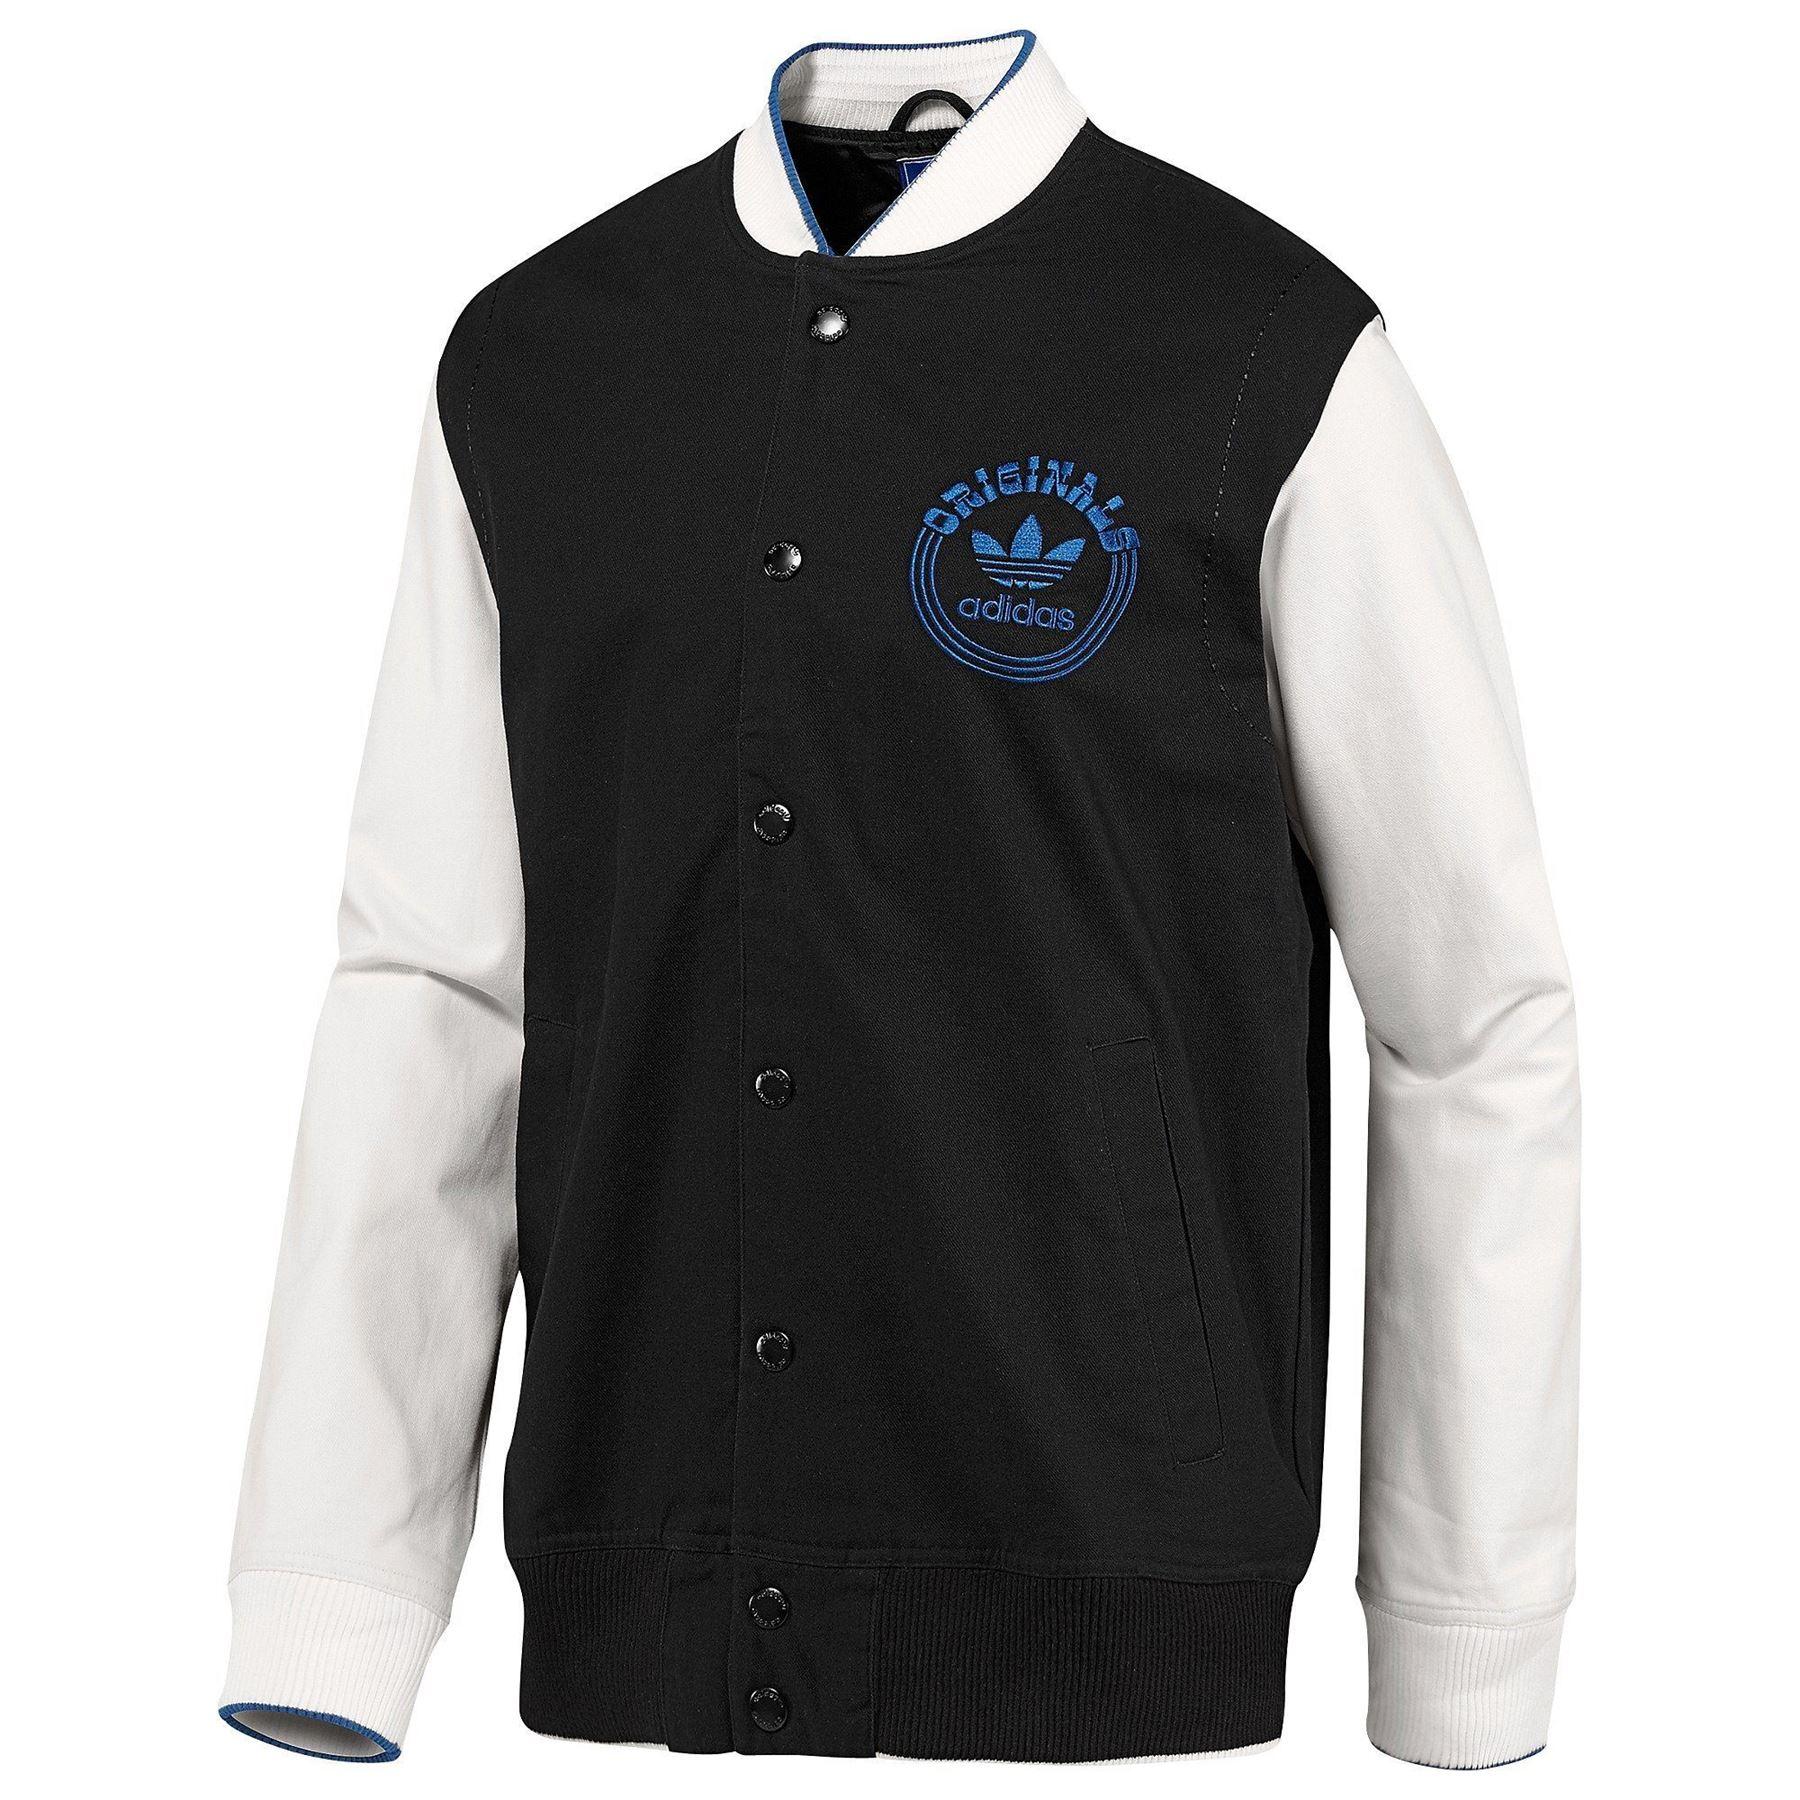 Details zu Adidas Original Varsity Jacke Schwarz Weiß Spo Selten Balance Trefoil HERREN